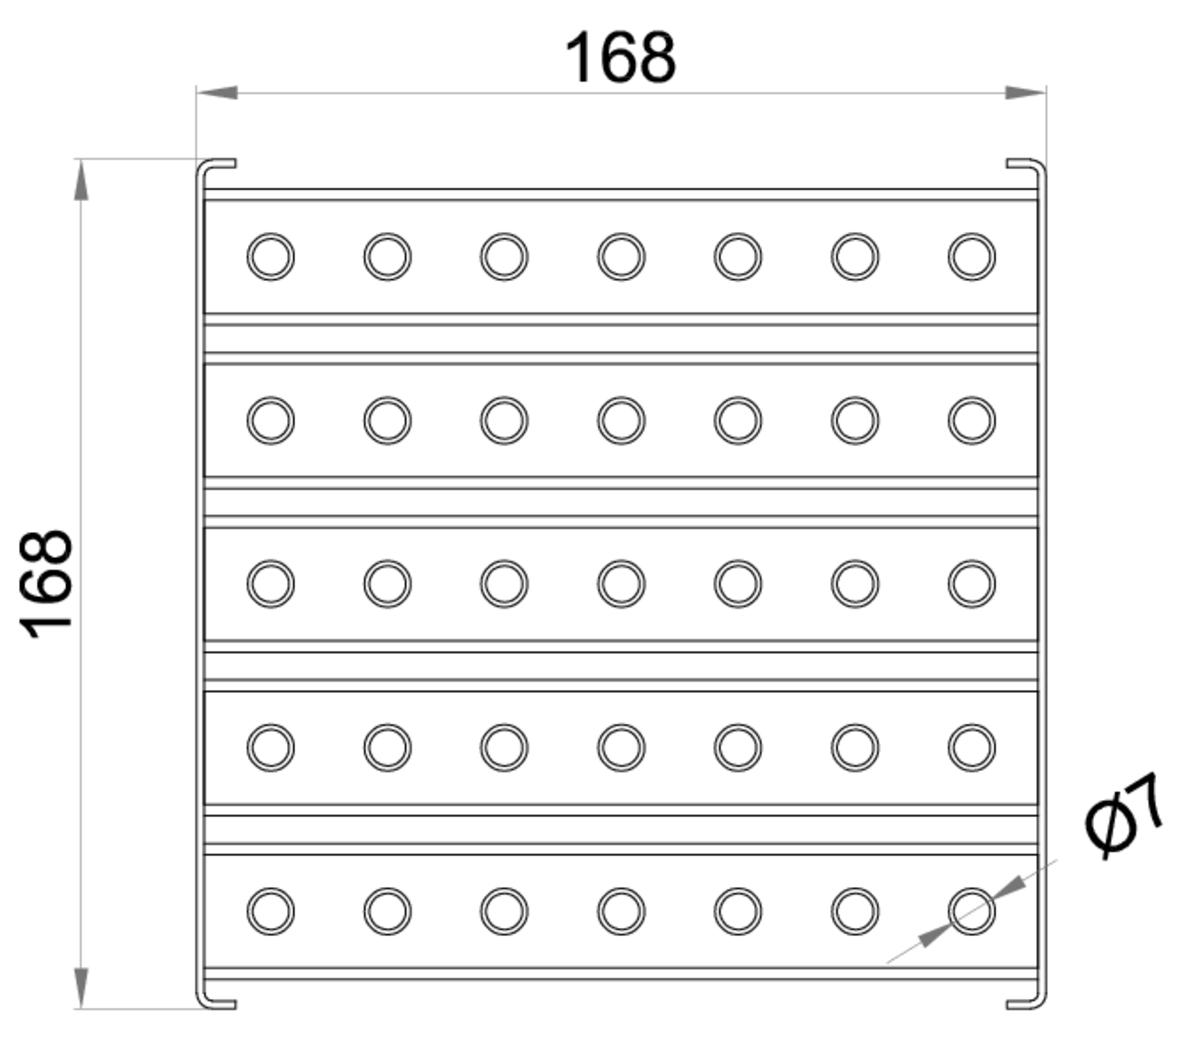 Esquema técnico da grelha para sumidouro EG, grelha multislot 5 em aço inoxidável AISI304 da dimensões L168 A168 H25 sem sistema de fixação, classe de carga L15.